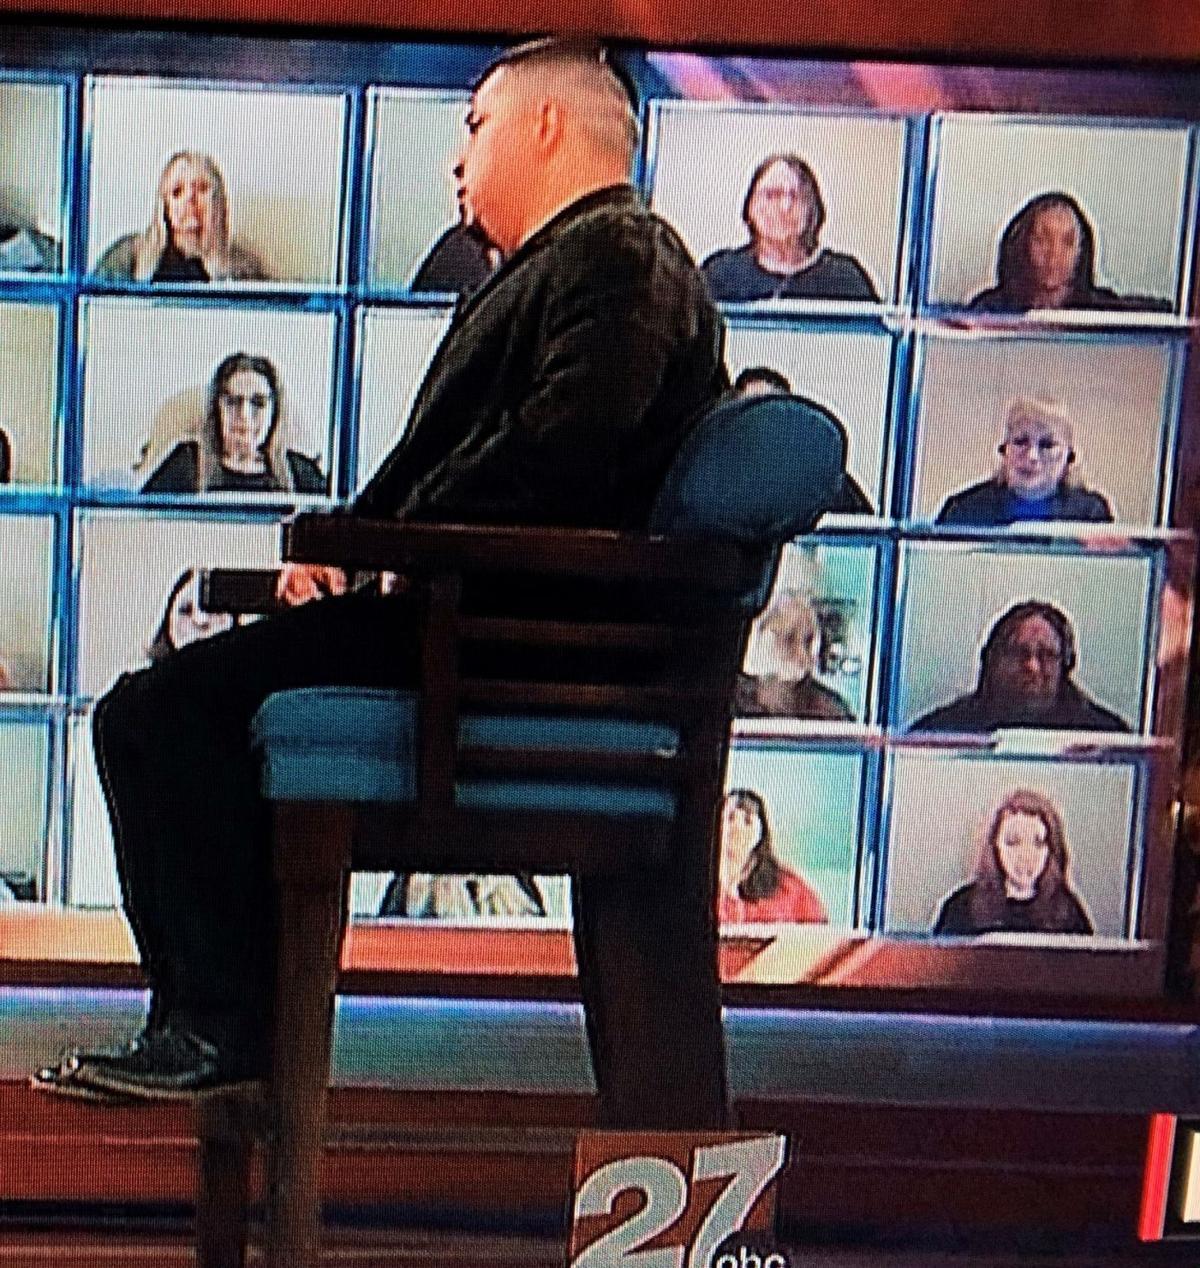 Ann on screen